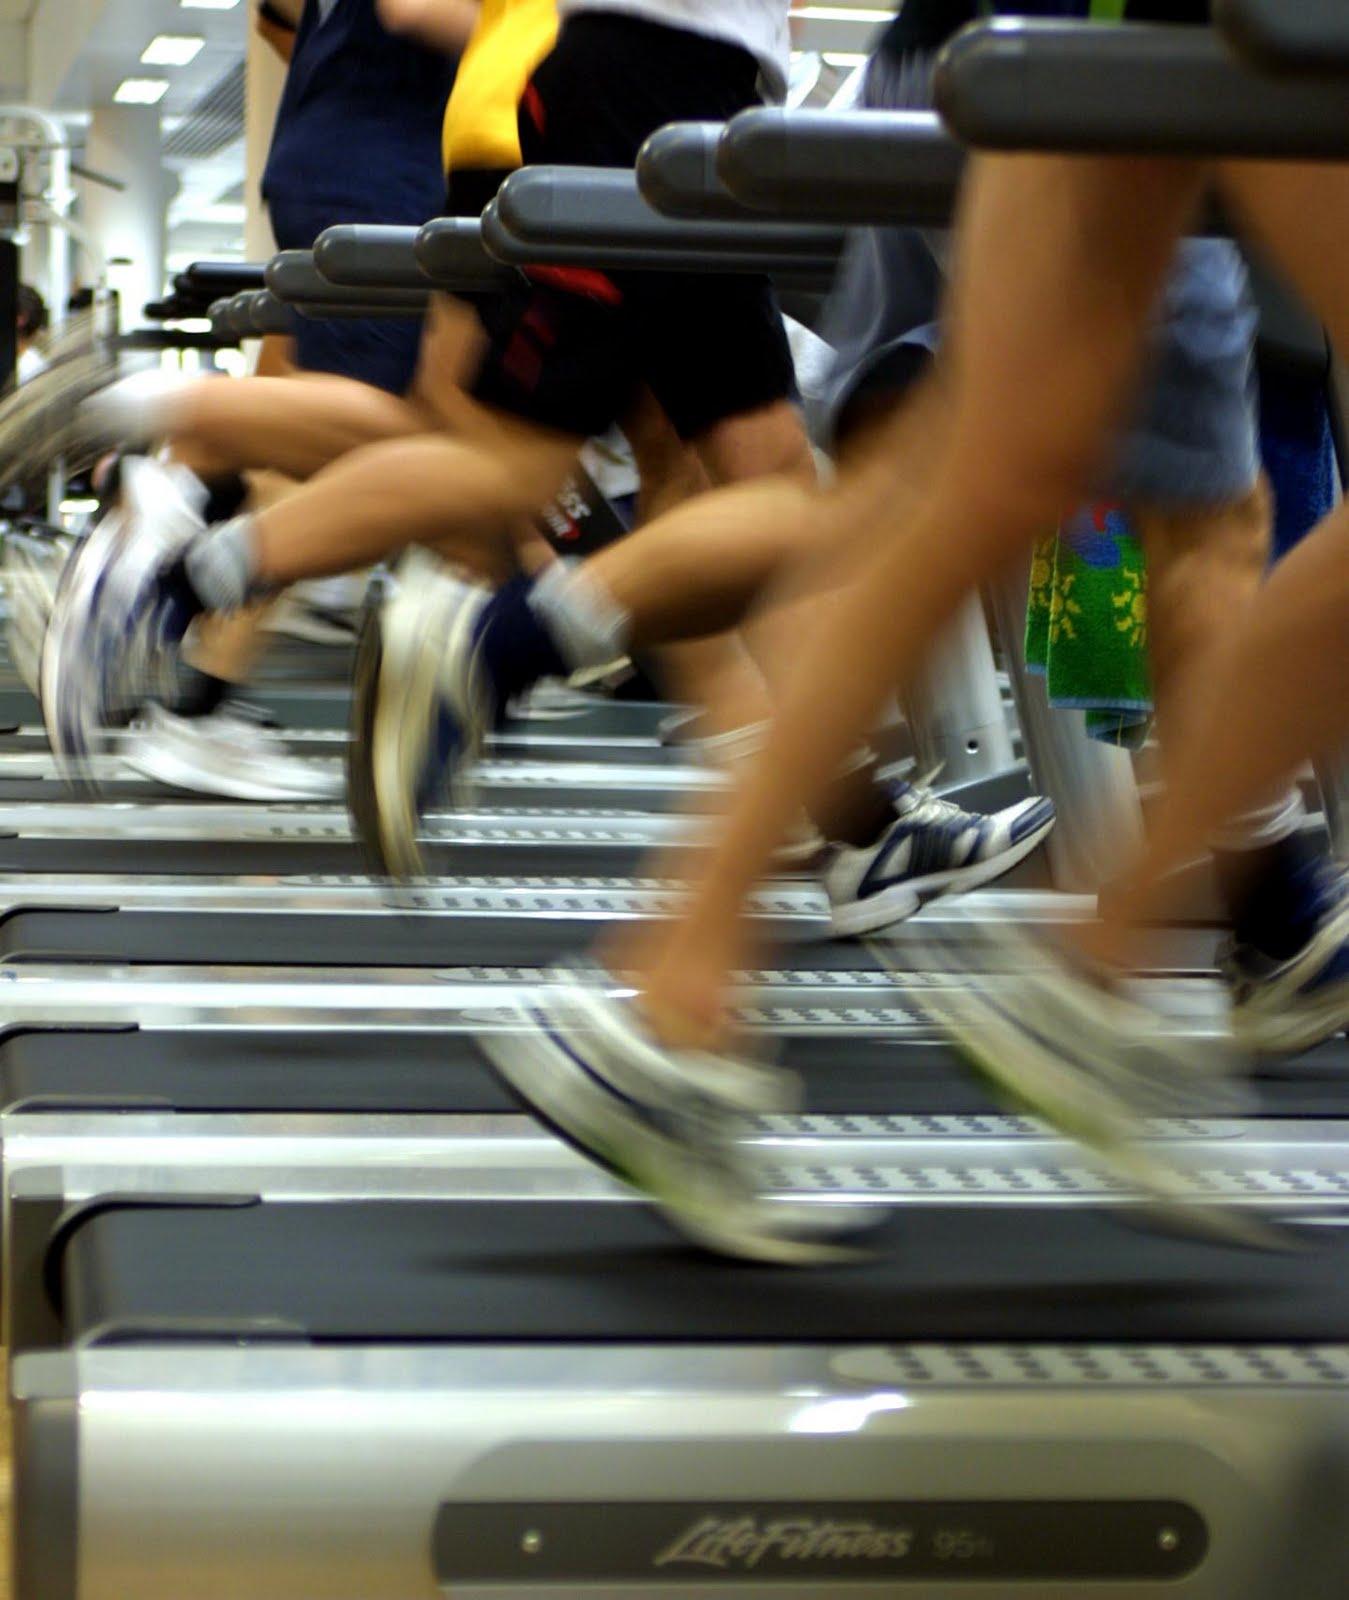 Correr en una cinta rodante es más seguro que al Aire Libre